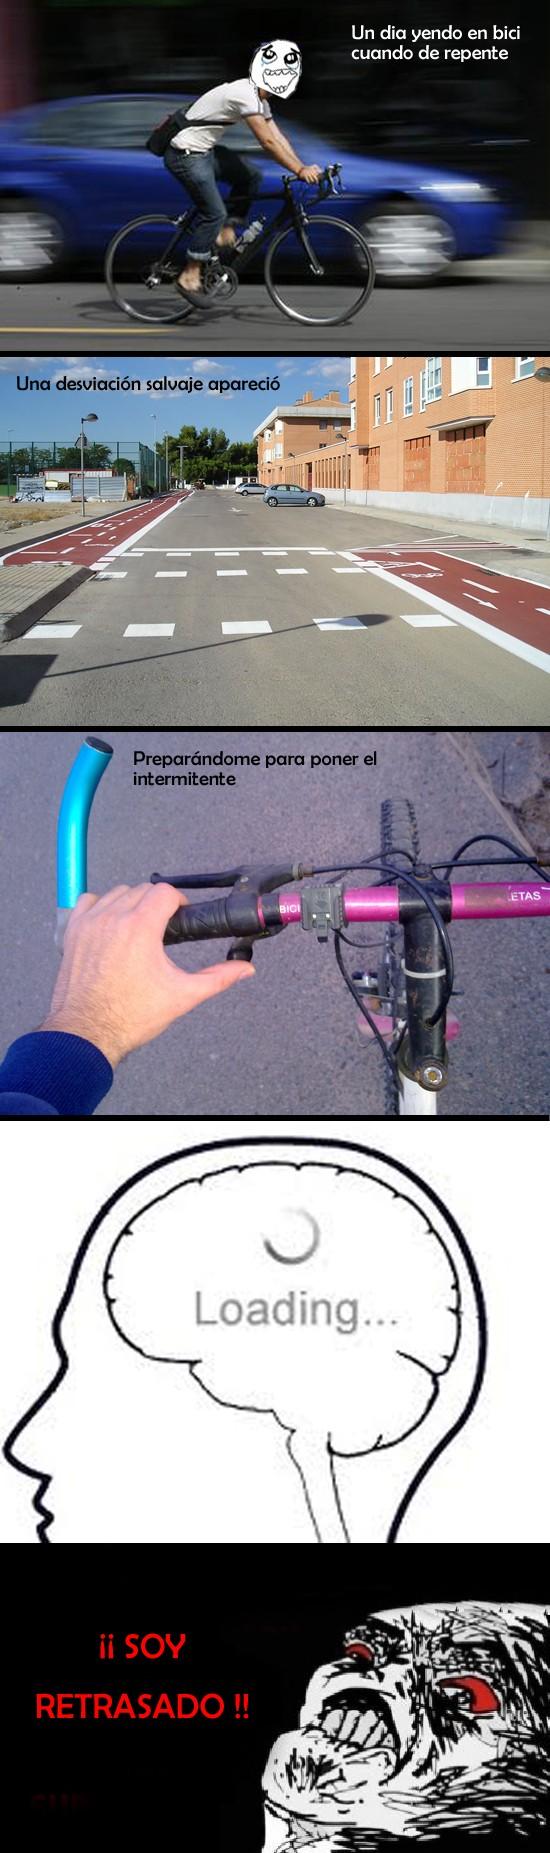 Inglip - Desviación en bici